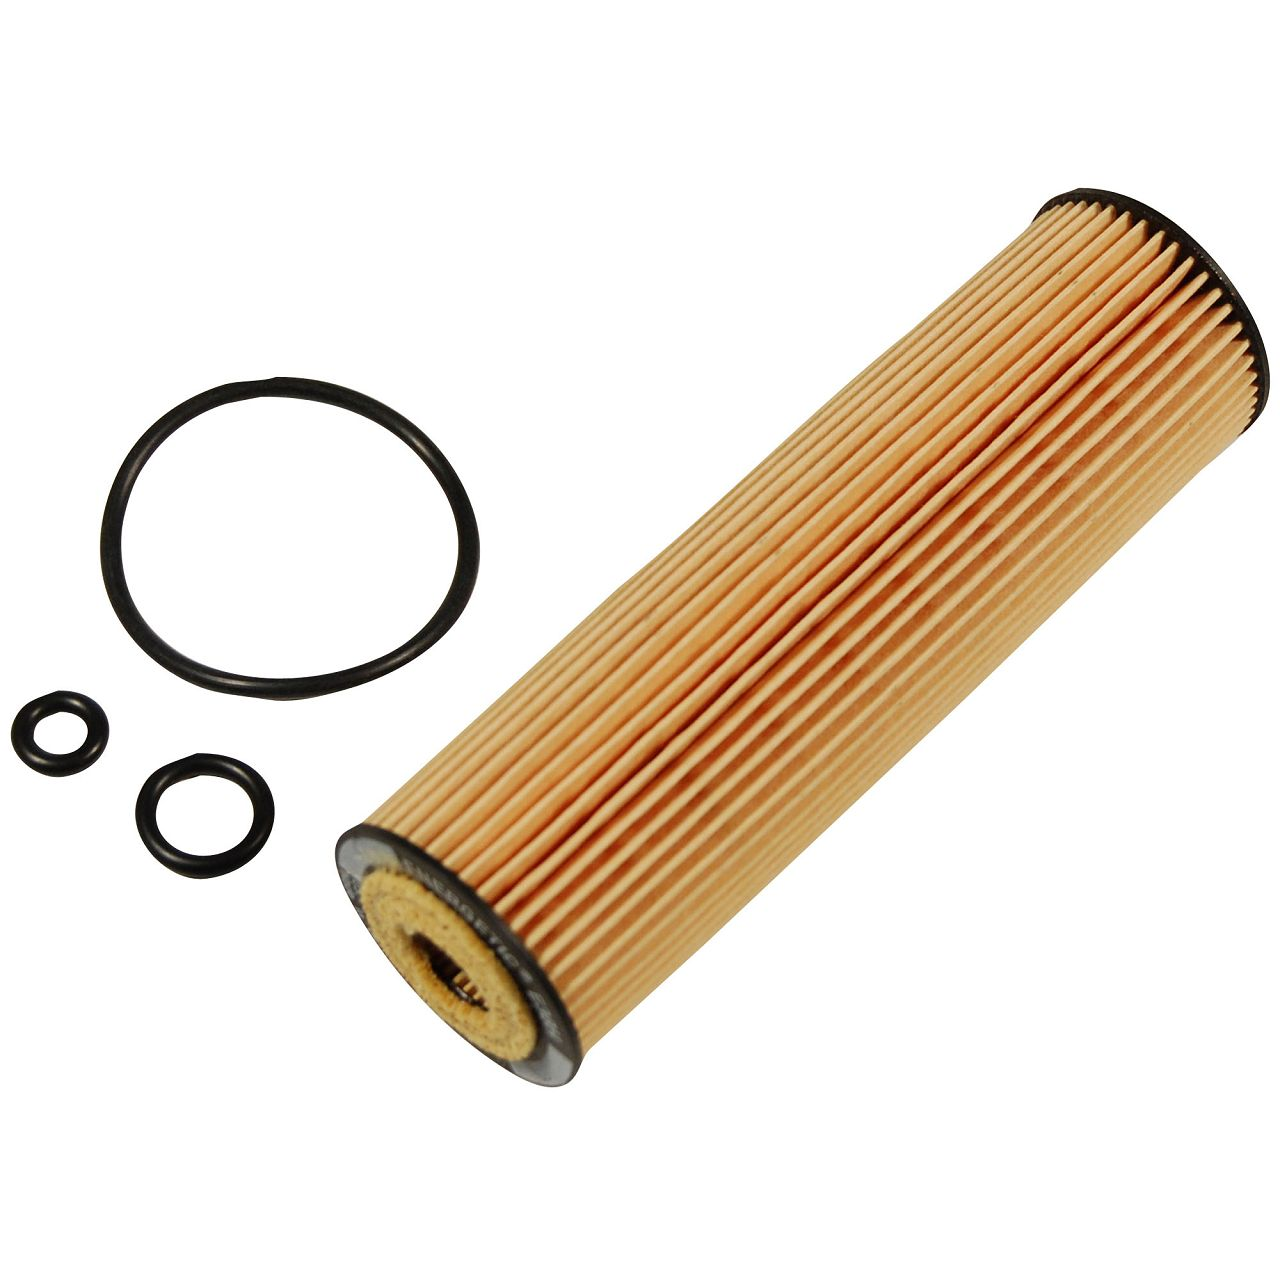 Filterpaket Filterset für Mercedes SLK R171 200Kompressor 163/184 PS